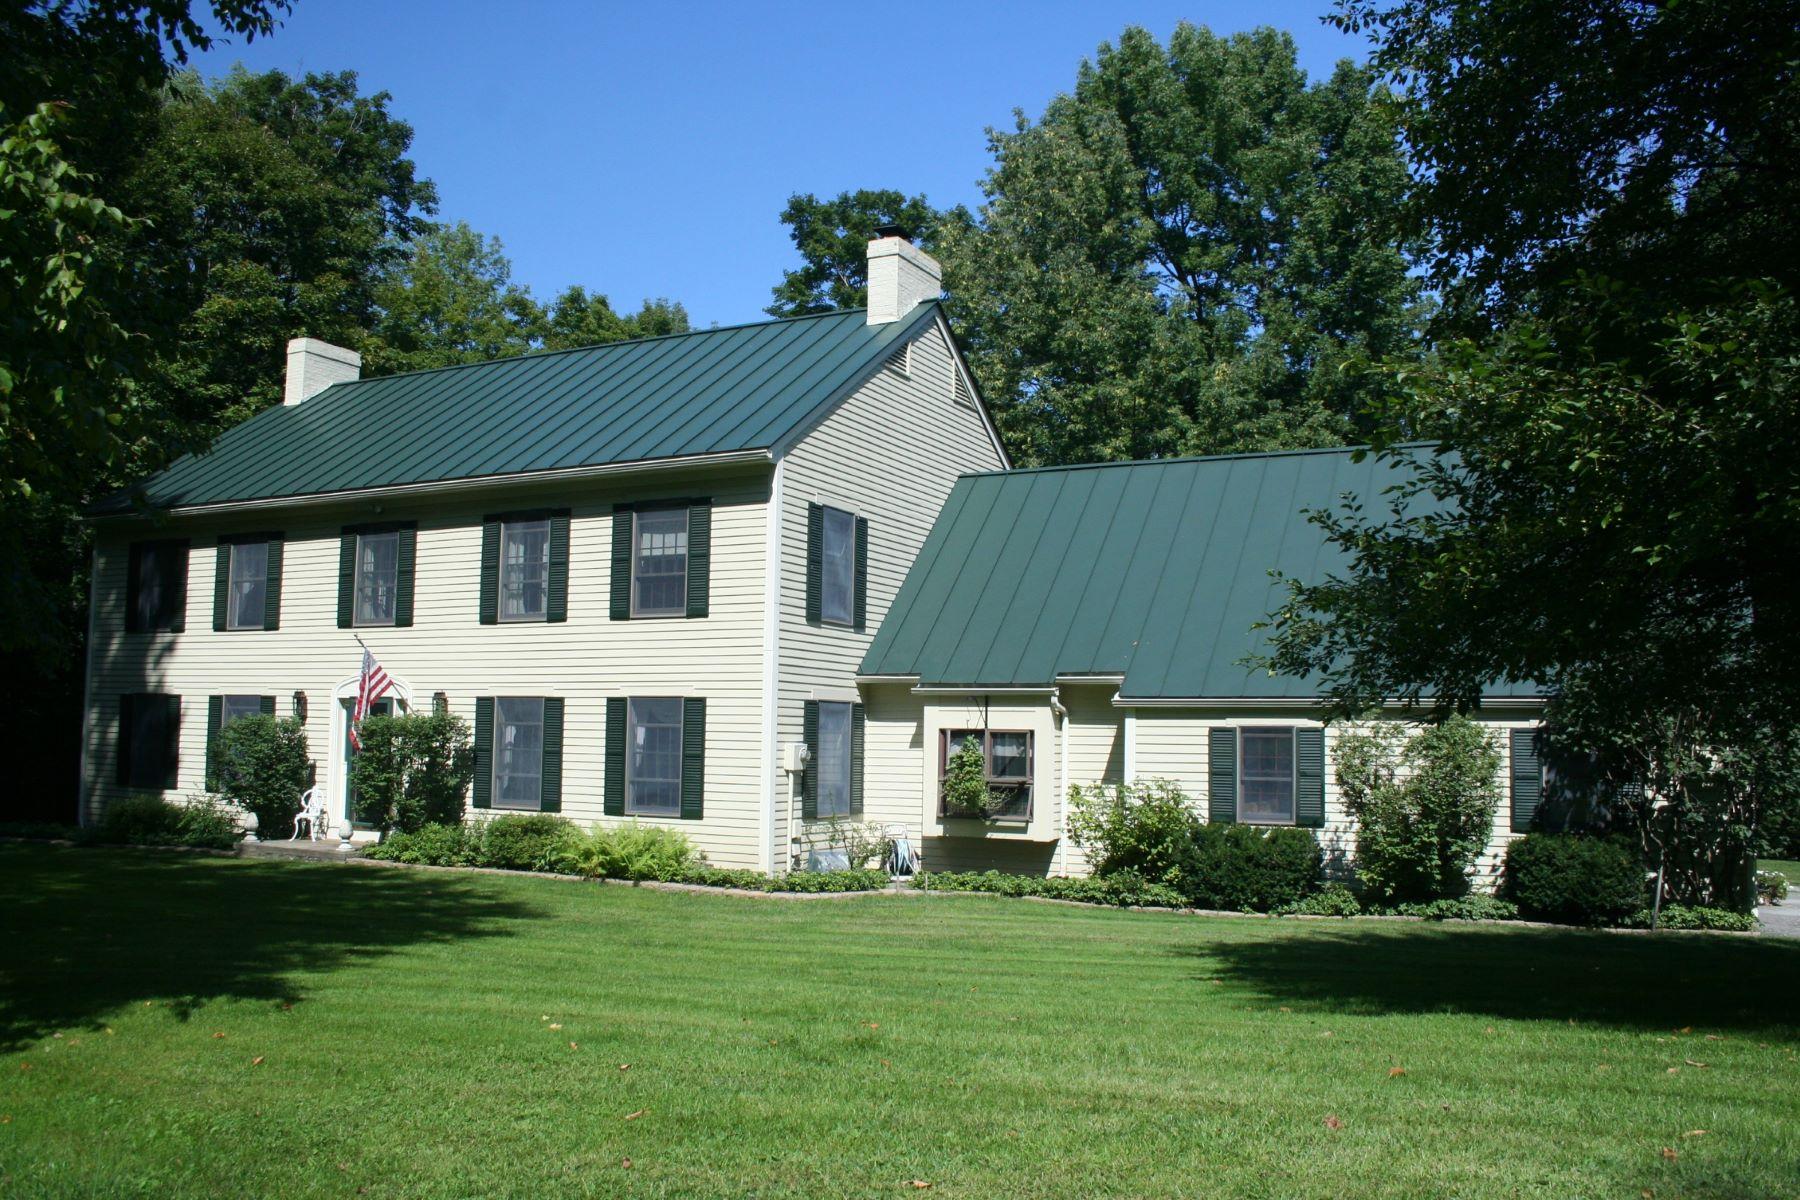 Maison unifamiliale pour l Vente à 18 Montview Dr, Hanover Hanover, New Hampshire, 03755 États-Unis